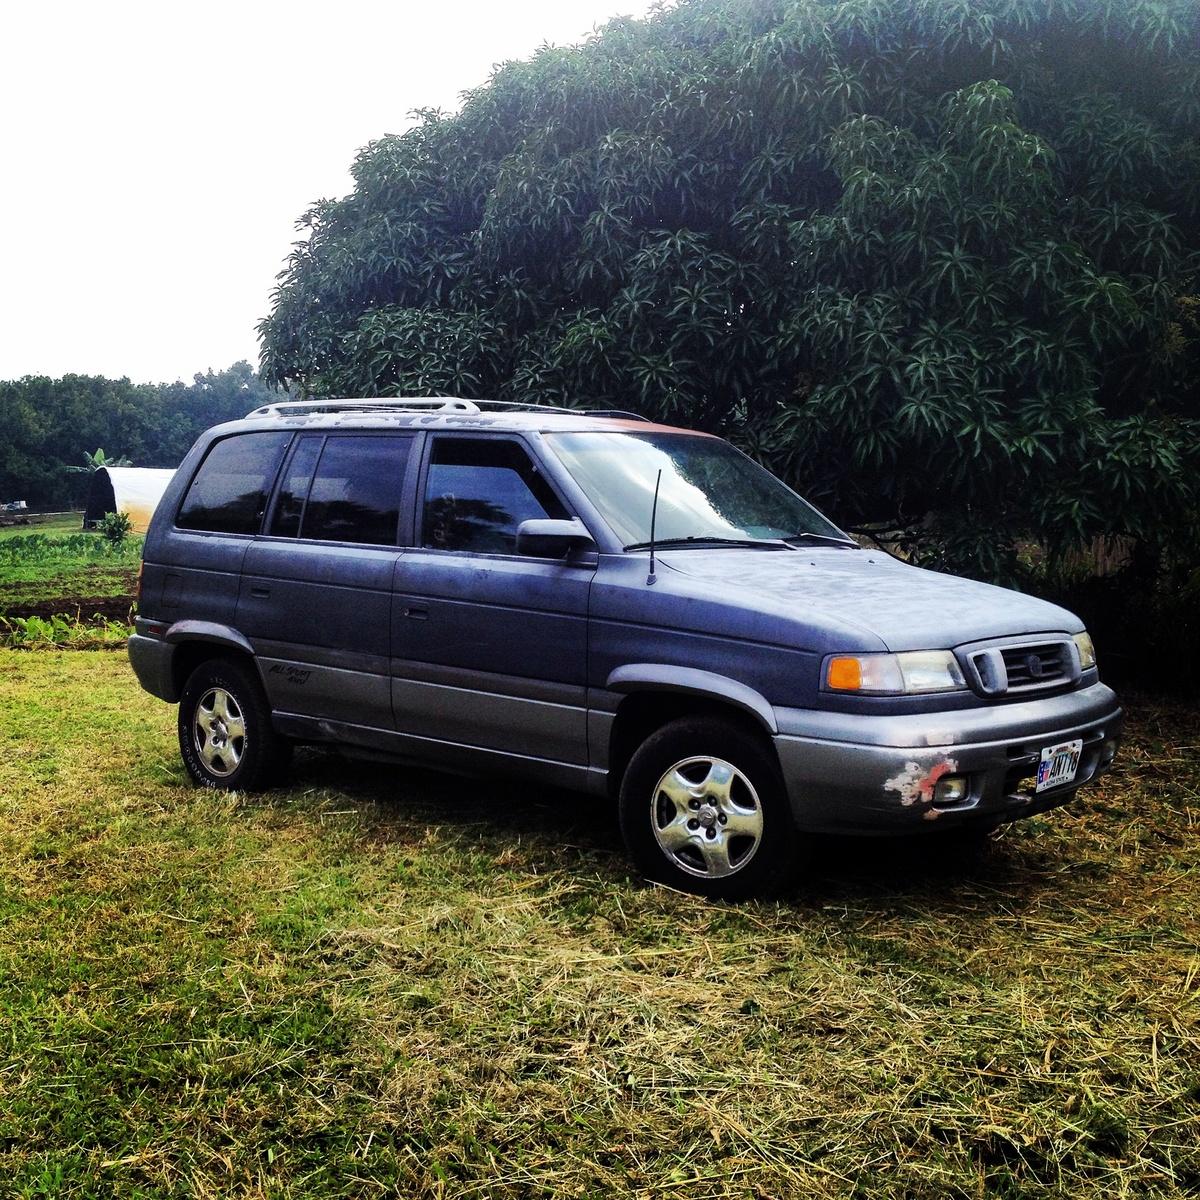 1998 Mazda Mpv - Overview